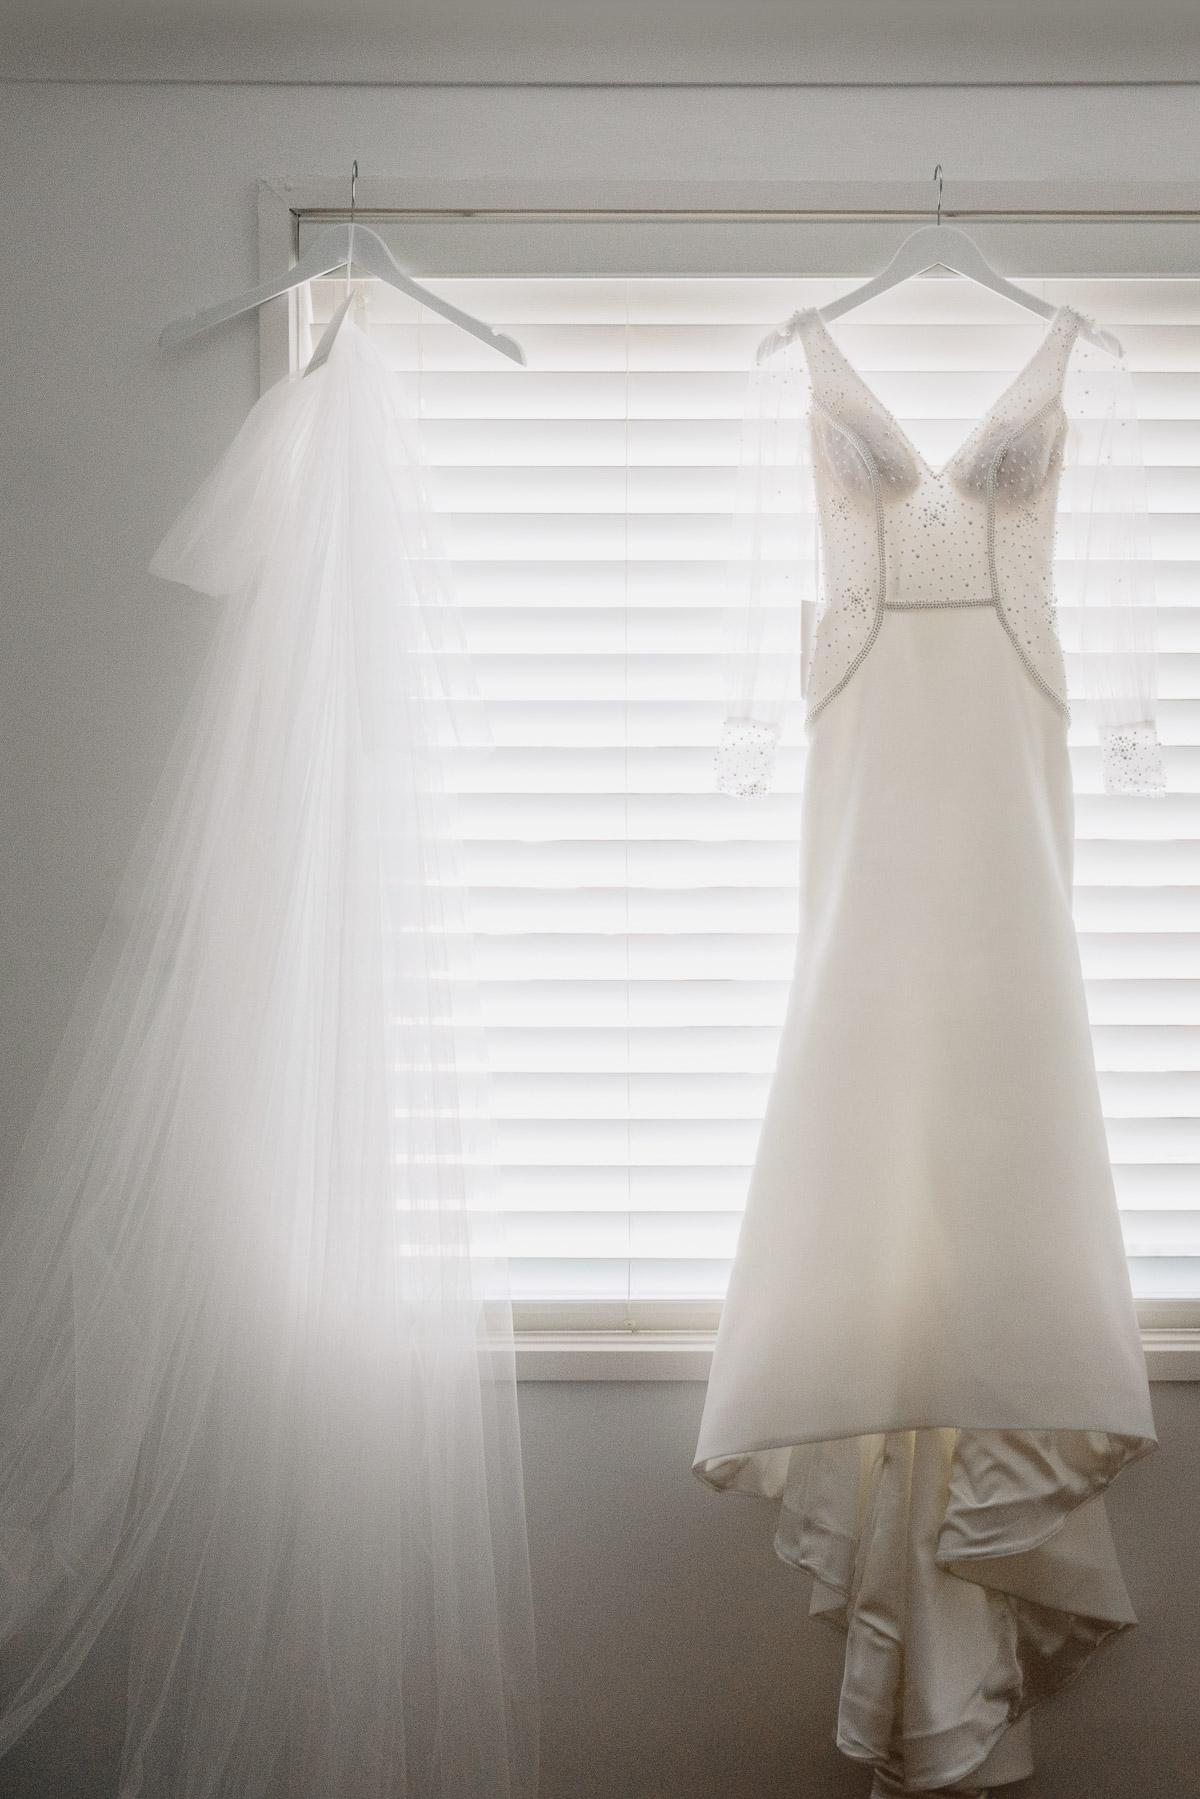 Oatlands House Wedding: Lauren & Daniel 3